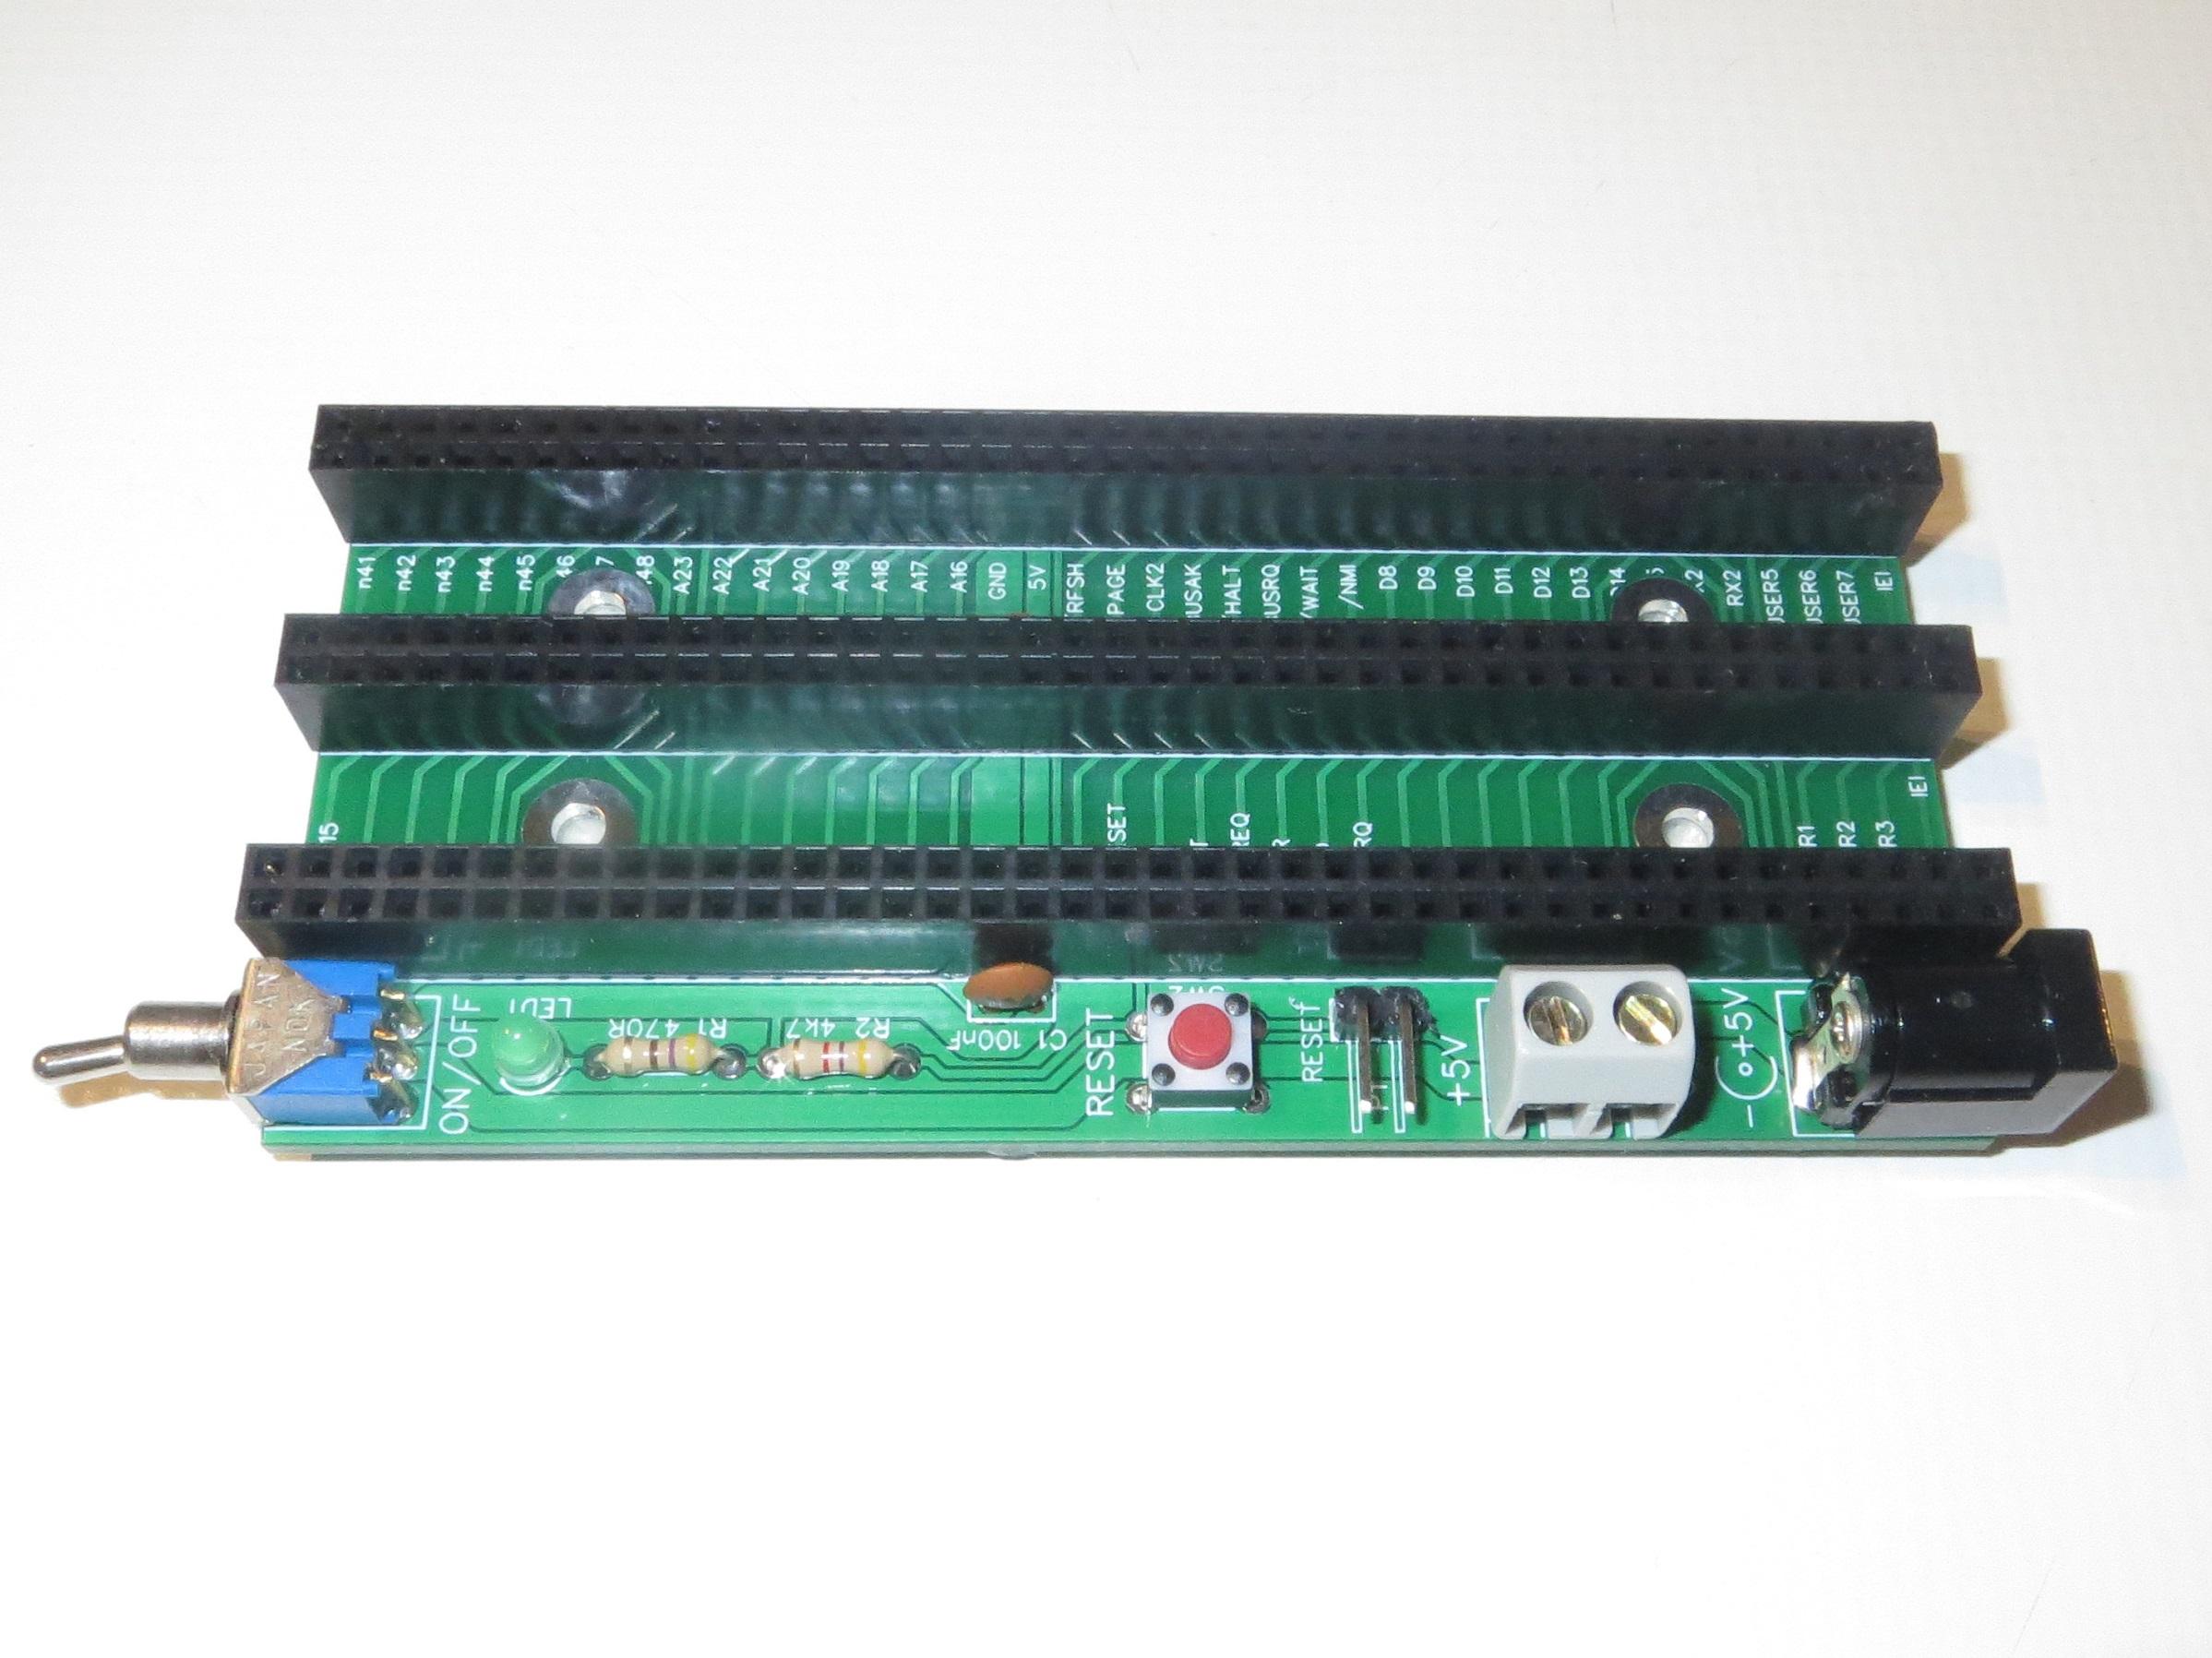 SC116 v1.0 Assembled